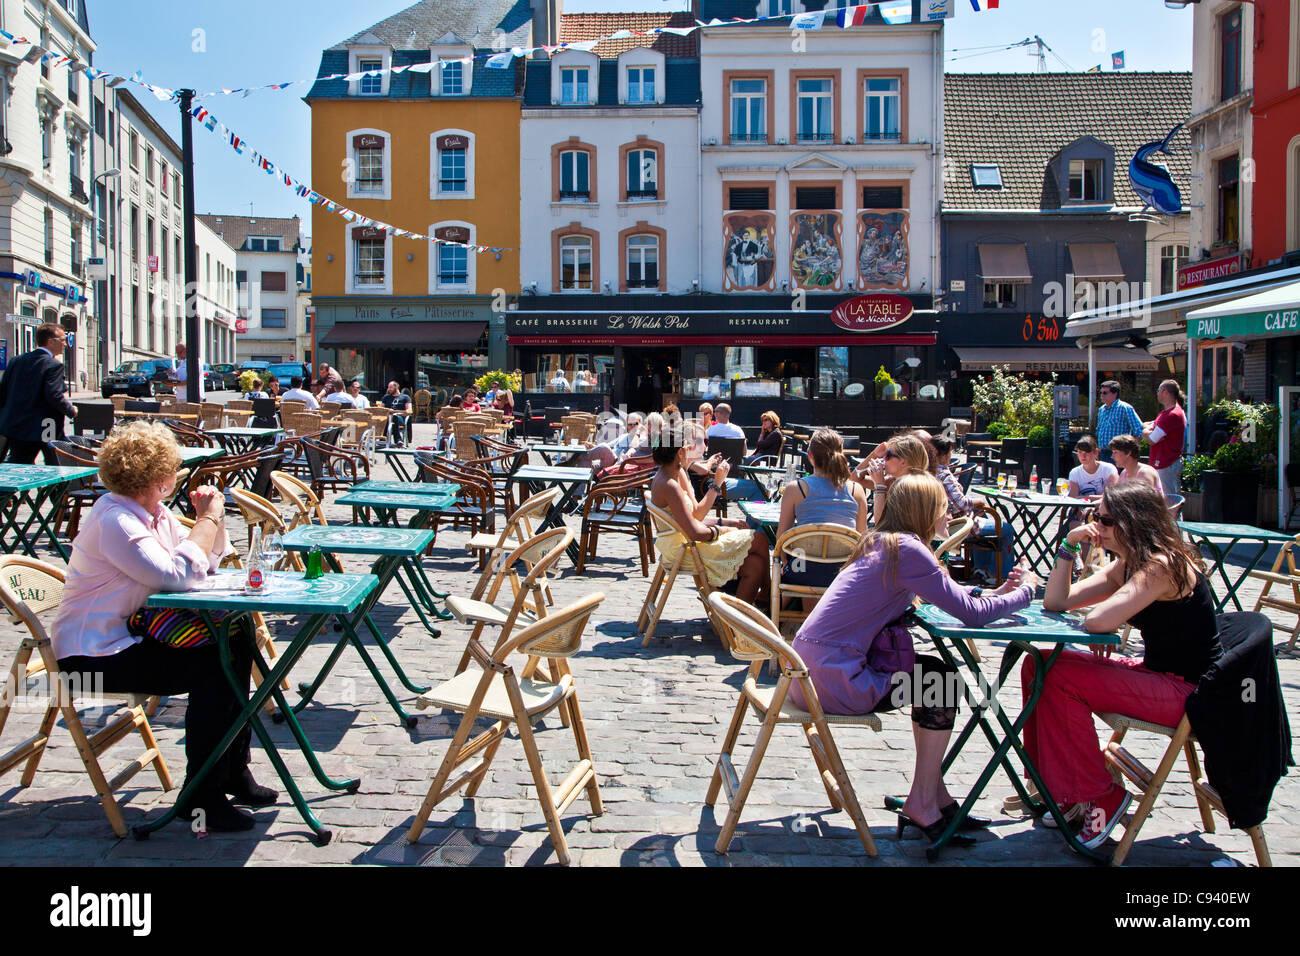 Menschen, die Sonne zu genießen und plaudern an Straßencafés in der Ort Dalton in Boulogne, Frankreich Stockbild